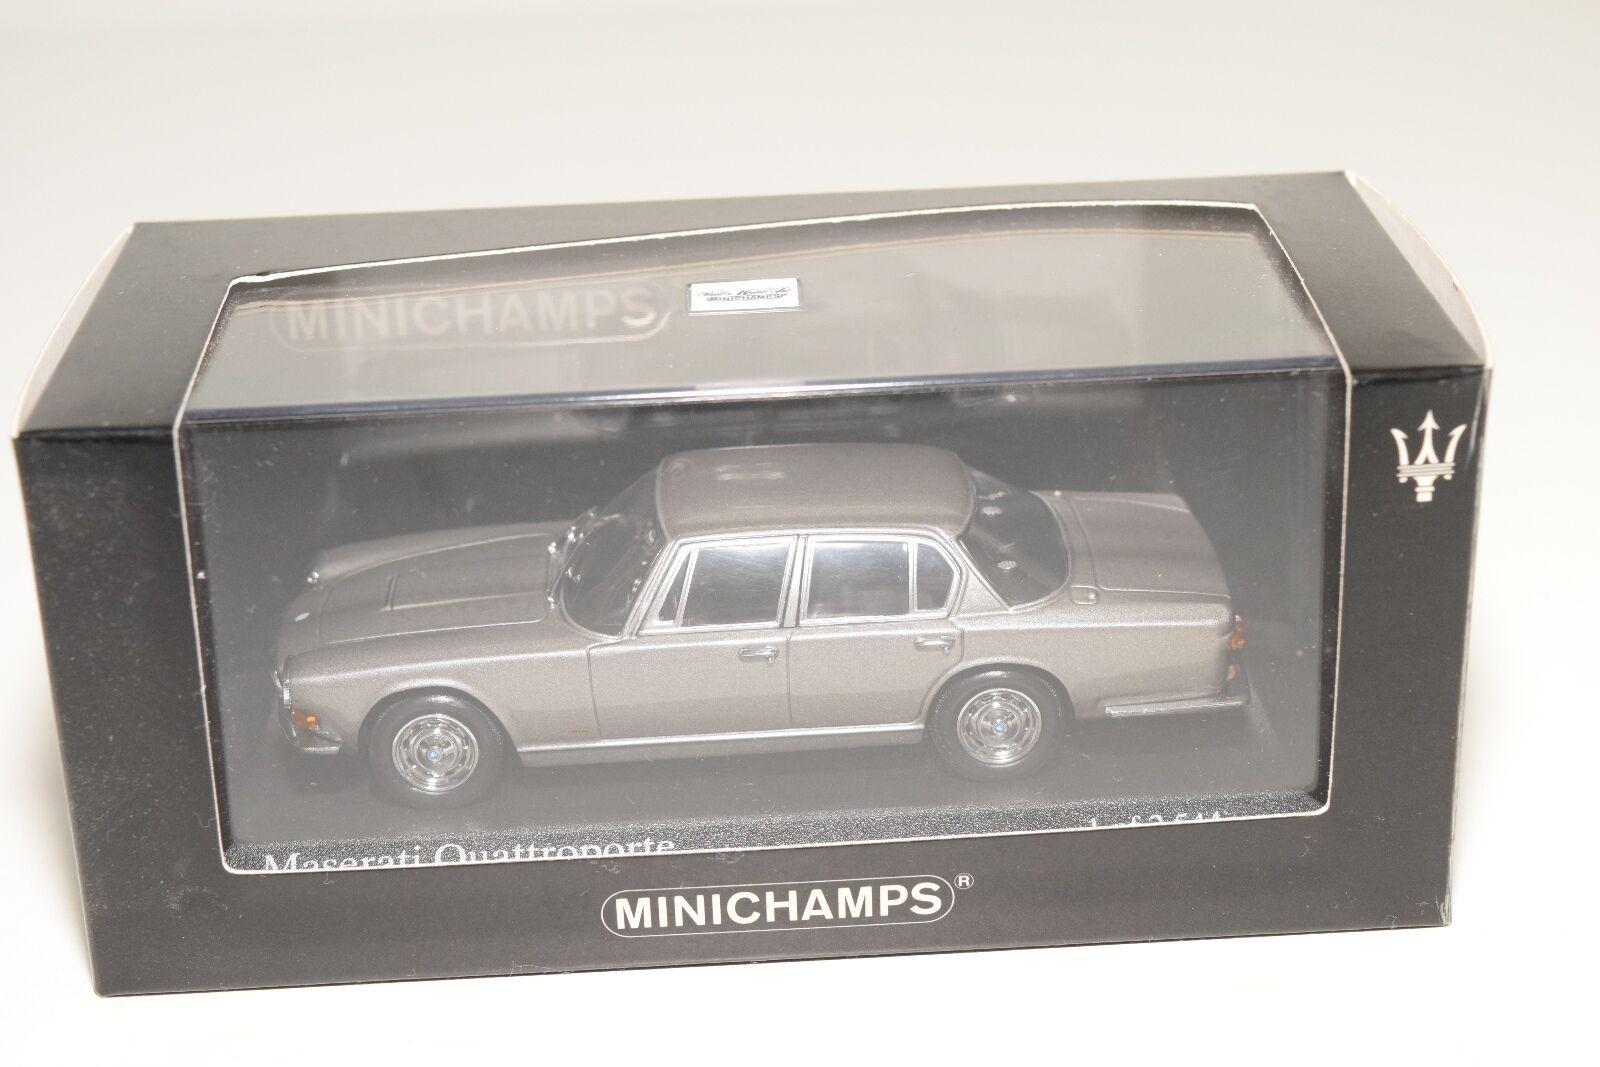 . MINICHAMPS MASERATI QUATTROPORTE 1963 METALLIC grigio MINT BOXED